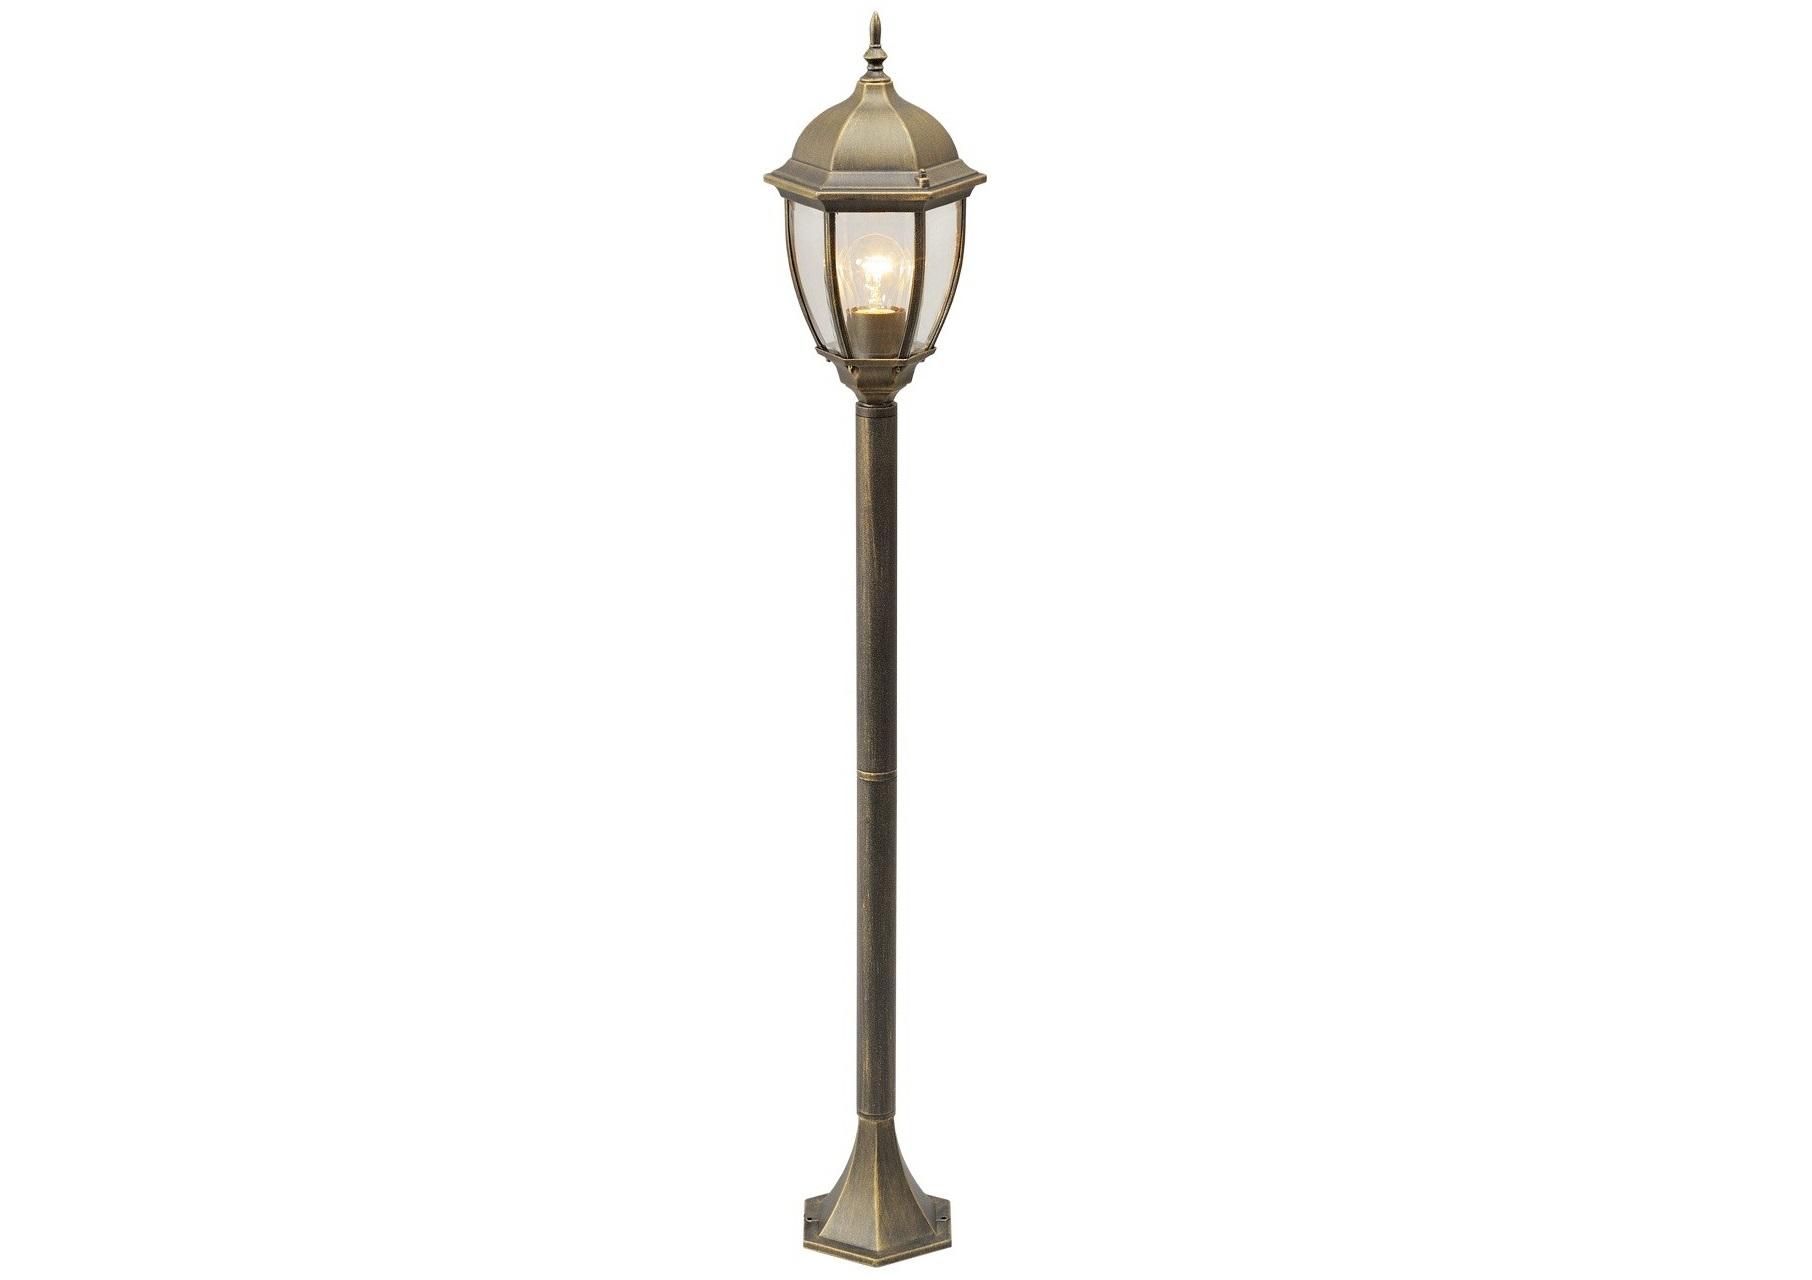 Уличный светильник ФабурУличные наземные светильники<br>&amp;lt;div&amp;gt;Основание из алюминия цвета старинной позолоты, плафоны из стекла.&amp;lt;/div&amp;gt;&amp;lt;div&amp;gt;&amp;lt;br&amp;gt;&amp;lt;/div&amp;gt;&amp;lt;div&amp;gt;Мощность 1*95W&amp;lt;/div&amp;gt;&amp;lt;div&amp;gt;Цоколь &amp;amp;nbsp;E27&amp;lt;/div&amp;gt;&amp;lt;div&amp;gt;&amp;lt;span style=&amp;quot;line-height: 1.78571;&amp;quot;&amp;gt;Степень защиты<br>светильников от пыли и влаги&amp;amp;nbsp;&amp;lt;/span&amp;gt;&amp;lt;span style=&amp;quot;line-height: 1.78571;&amp;quot;&amp;gt;IP44&amp;lt;/span&amp;gt;&amp;lt;/div&amp;gt;<br><br>Material: Алюминий<br>Ширина см: 21<br>Высота см: 122